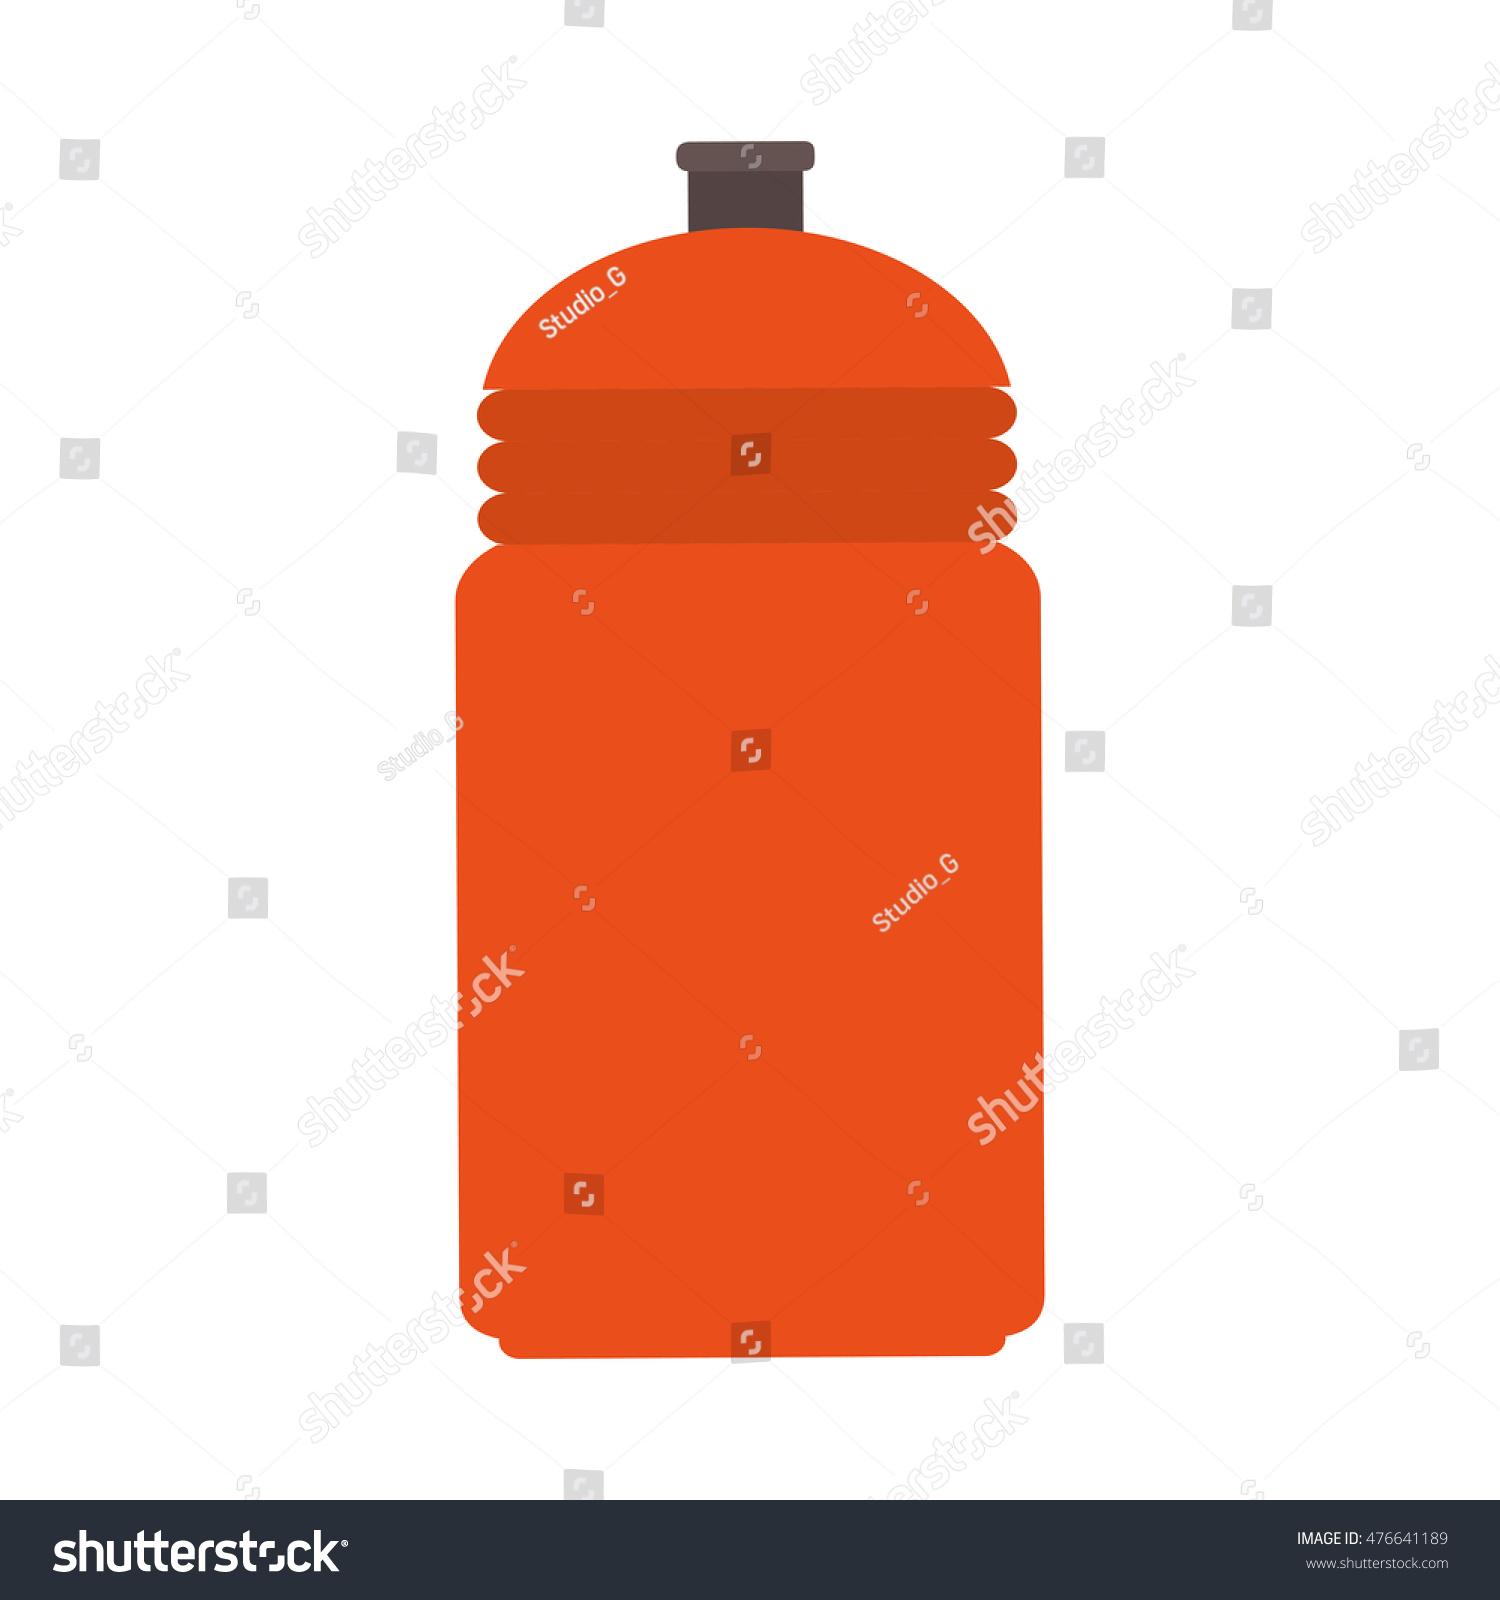 Water Bottle Vector: Water Bottle Sport Container Drink Liquid Stock Vector